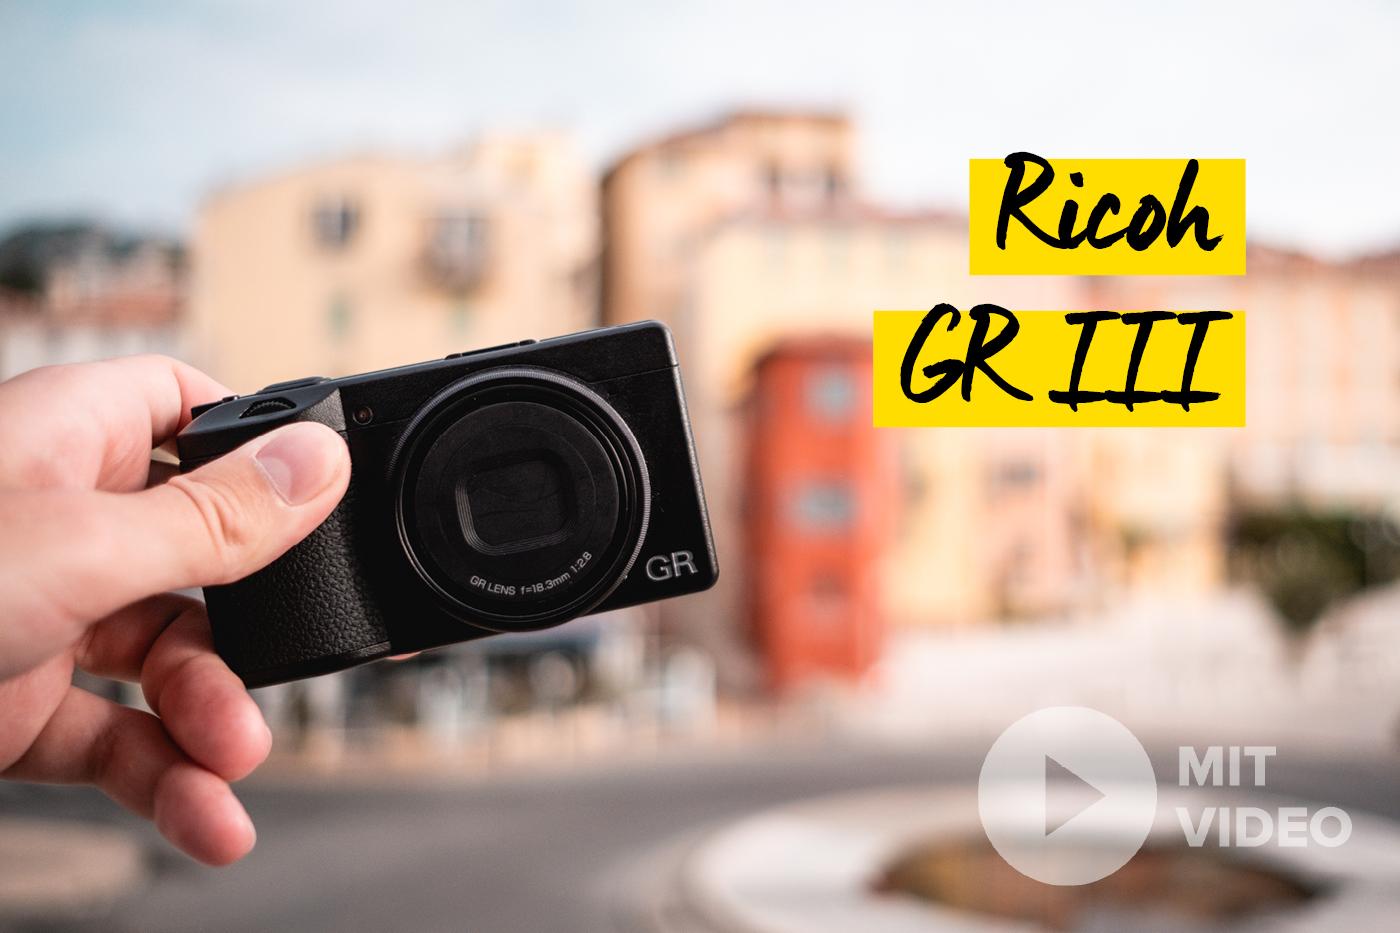 Streetfotografie mit der Ricoh GRIII